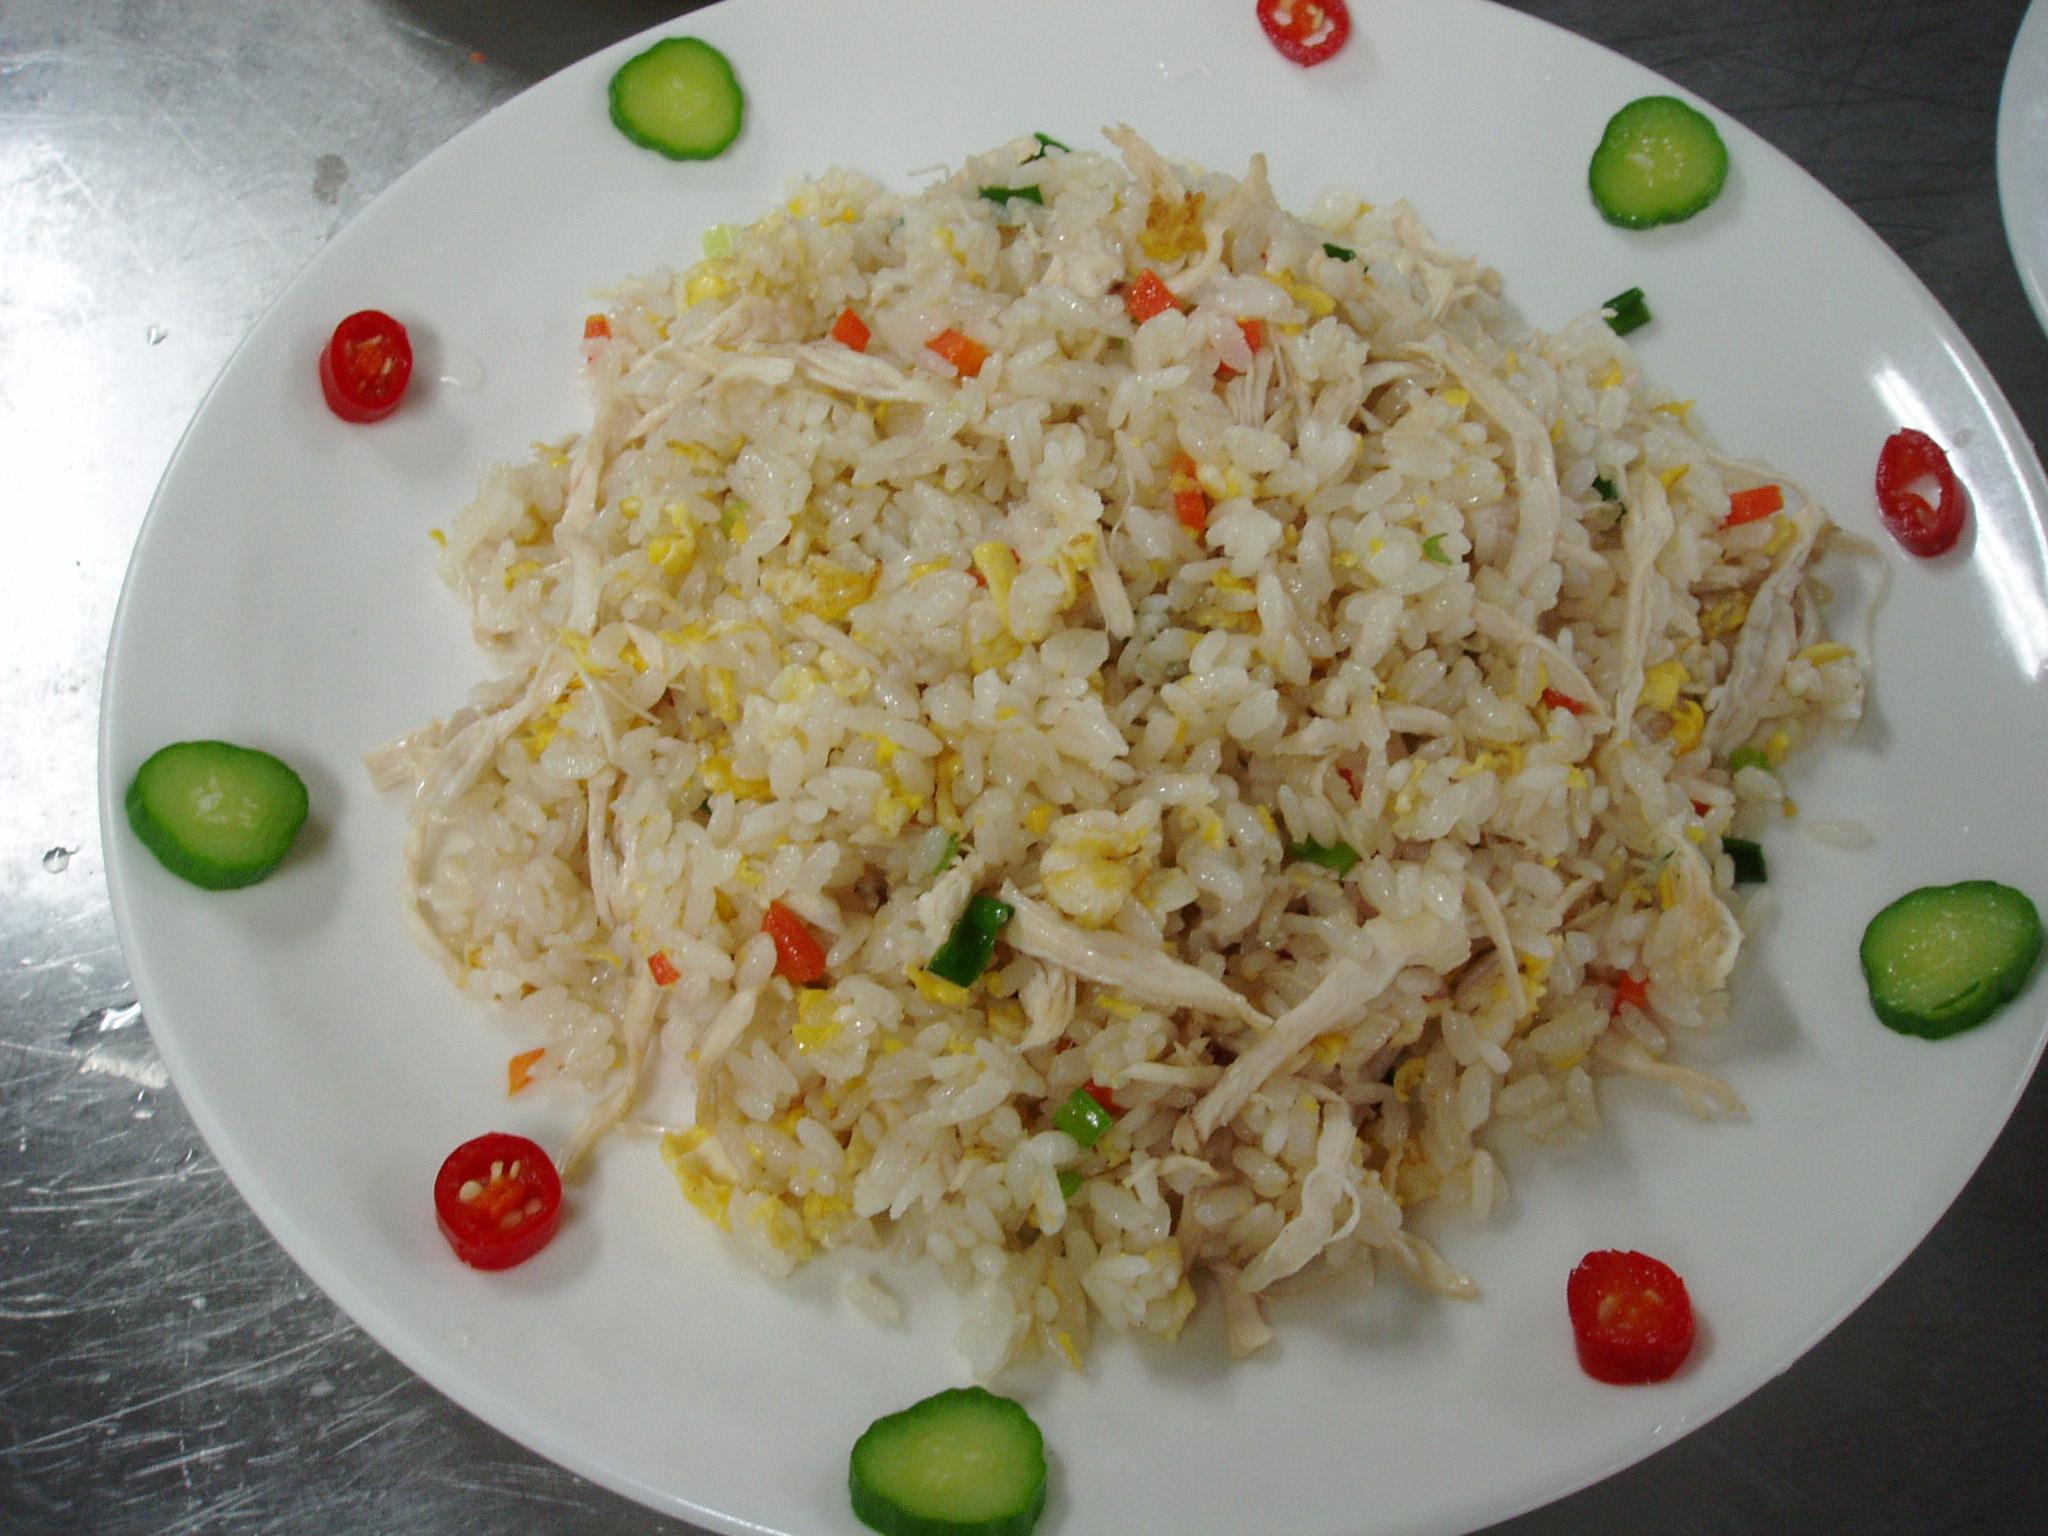 圖5,炒飯以小黃瓜圓形片和辣椒圓形片裝飾。